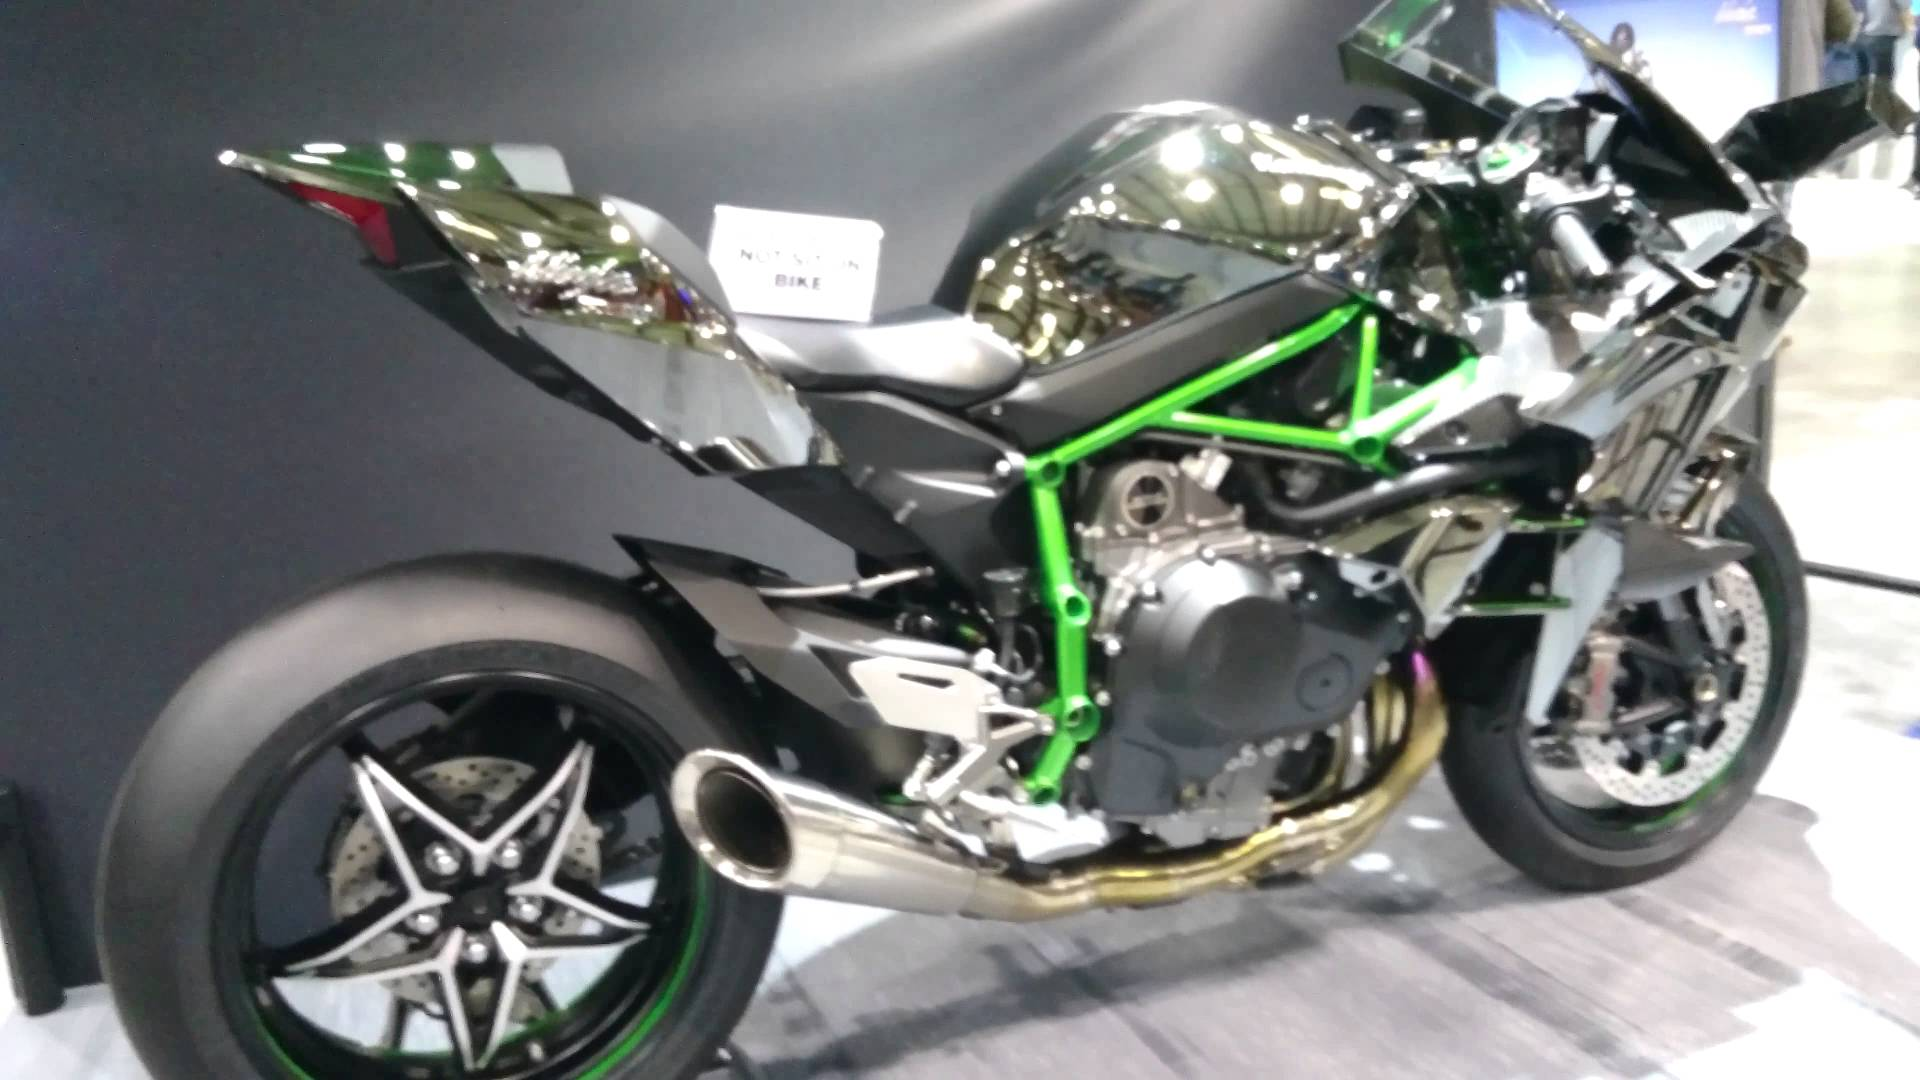 4k] 2015 Kawasaki Ninja H2R in Ultra HD 4k - YouTube